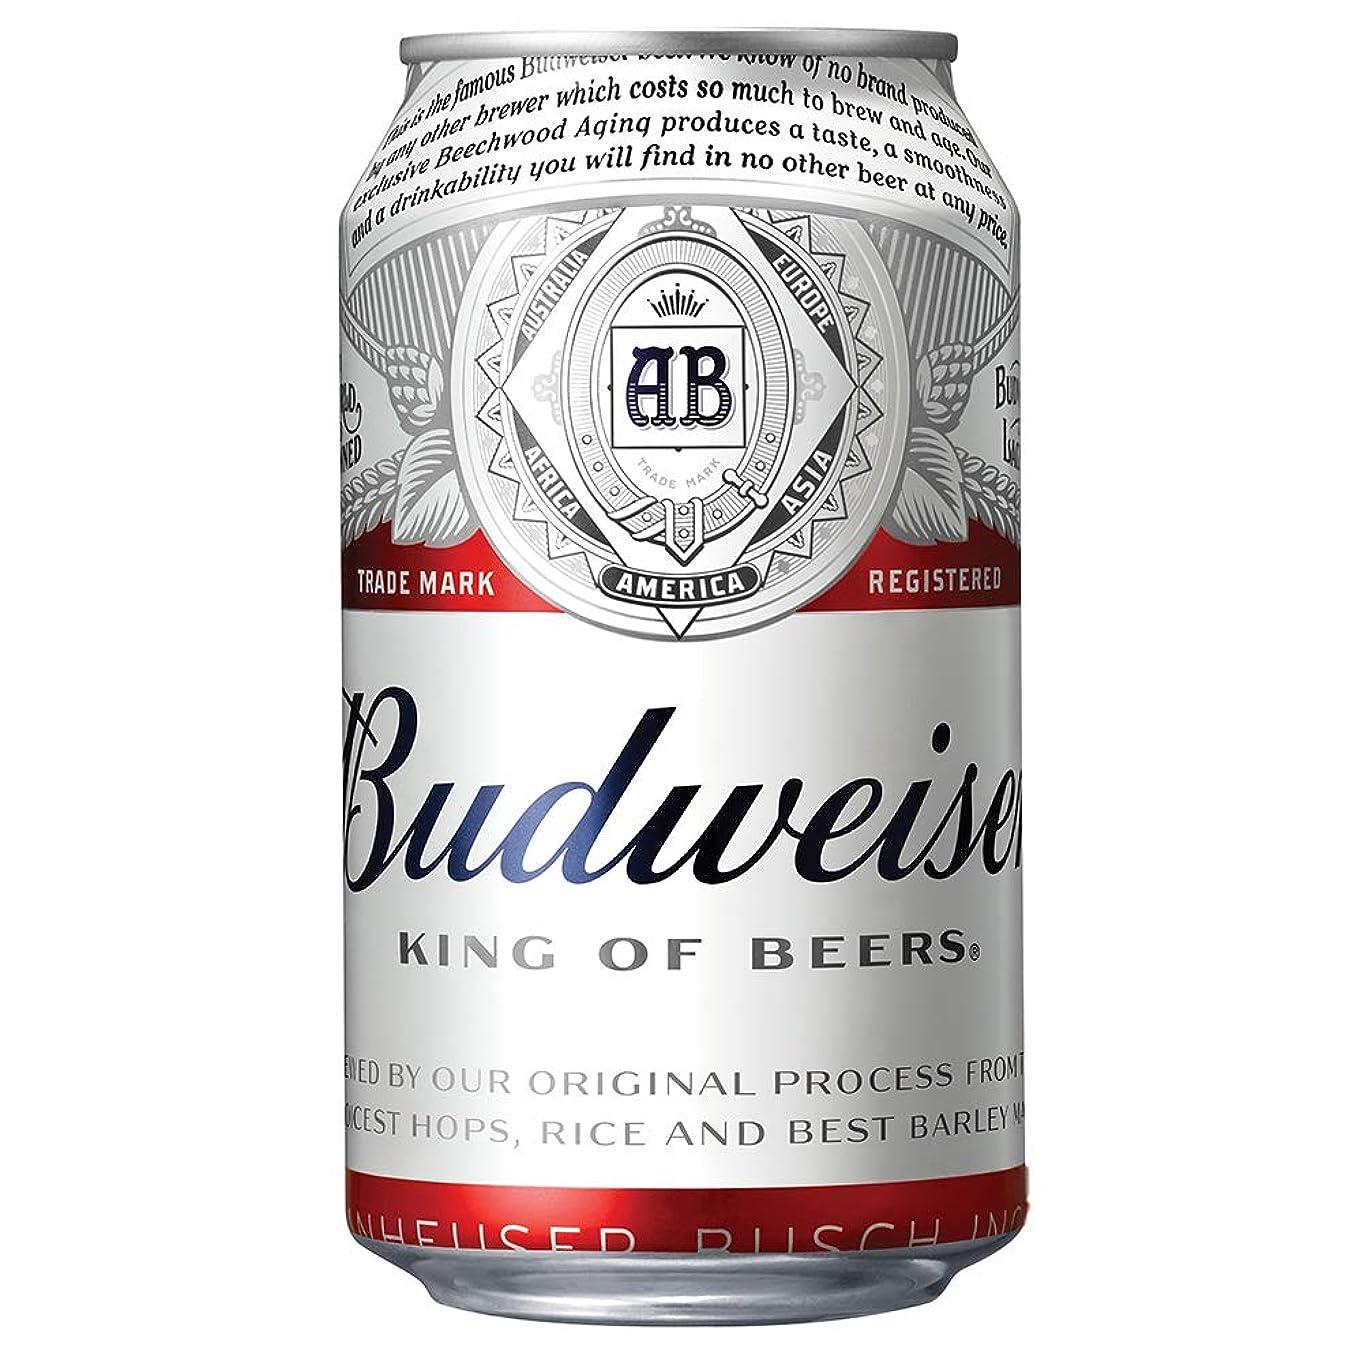 慣性省略驚くばかりバドワイザー ビール 355ml缶 [ ラガータイプ アメリカ 355ml×24本 ]